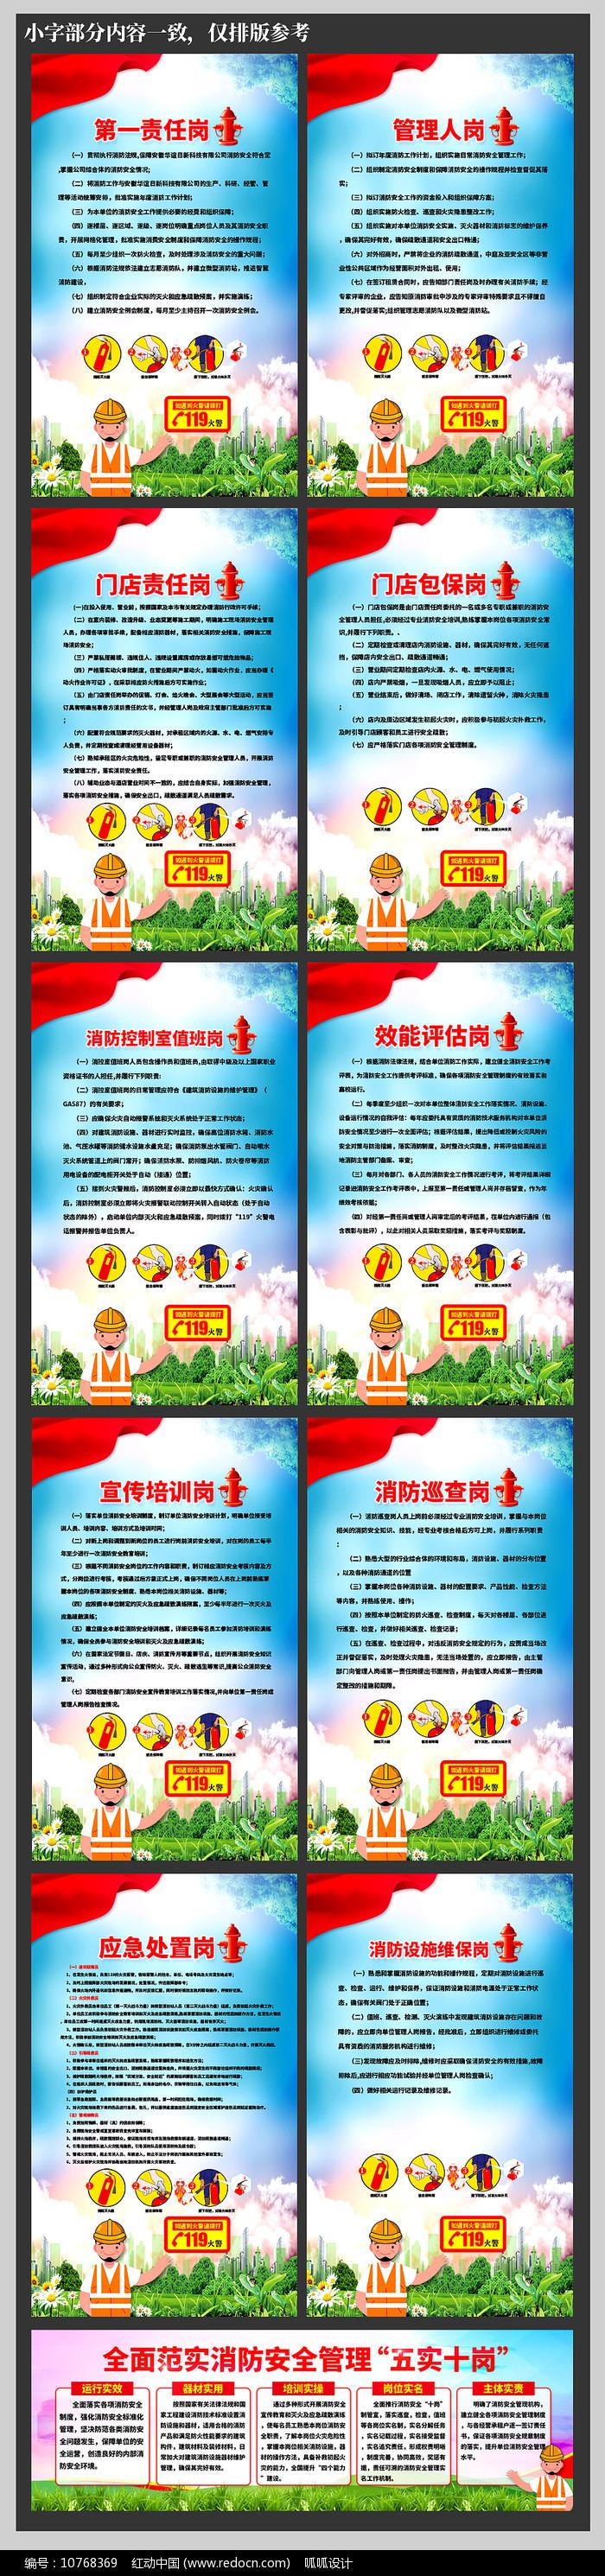 消防管理五实十岗制度牌图片图片